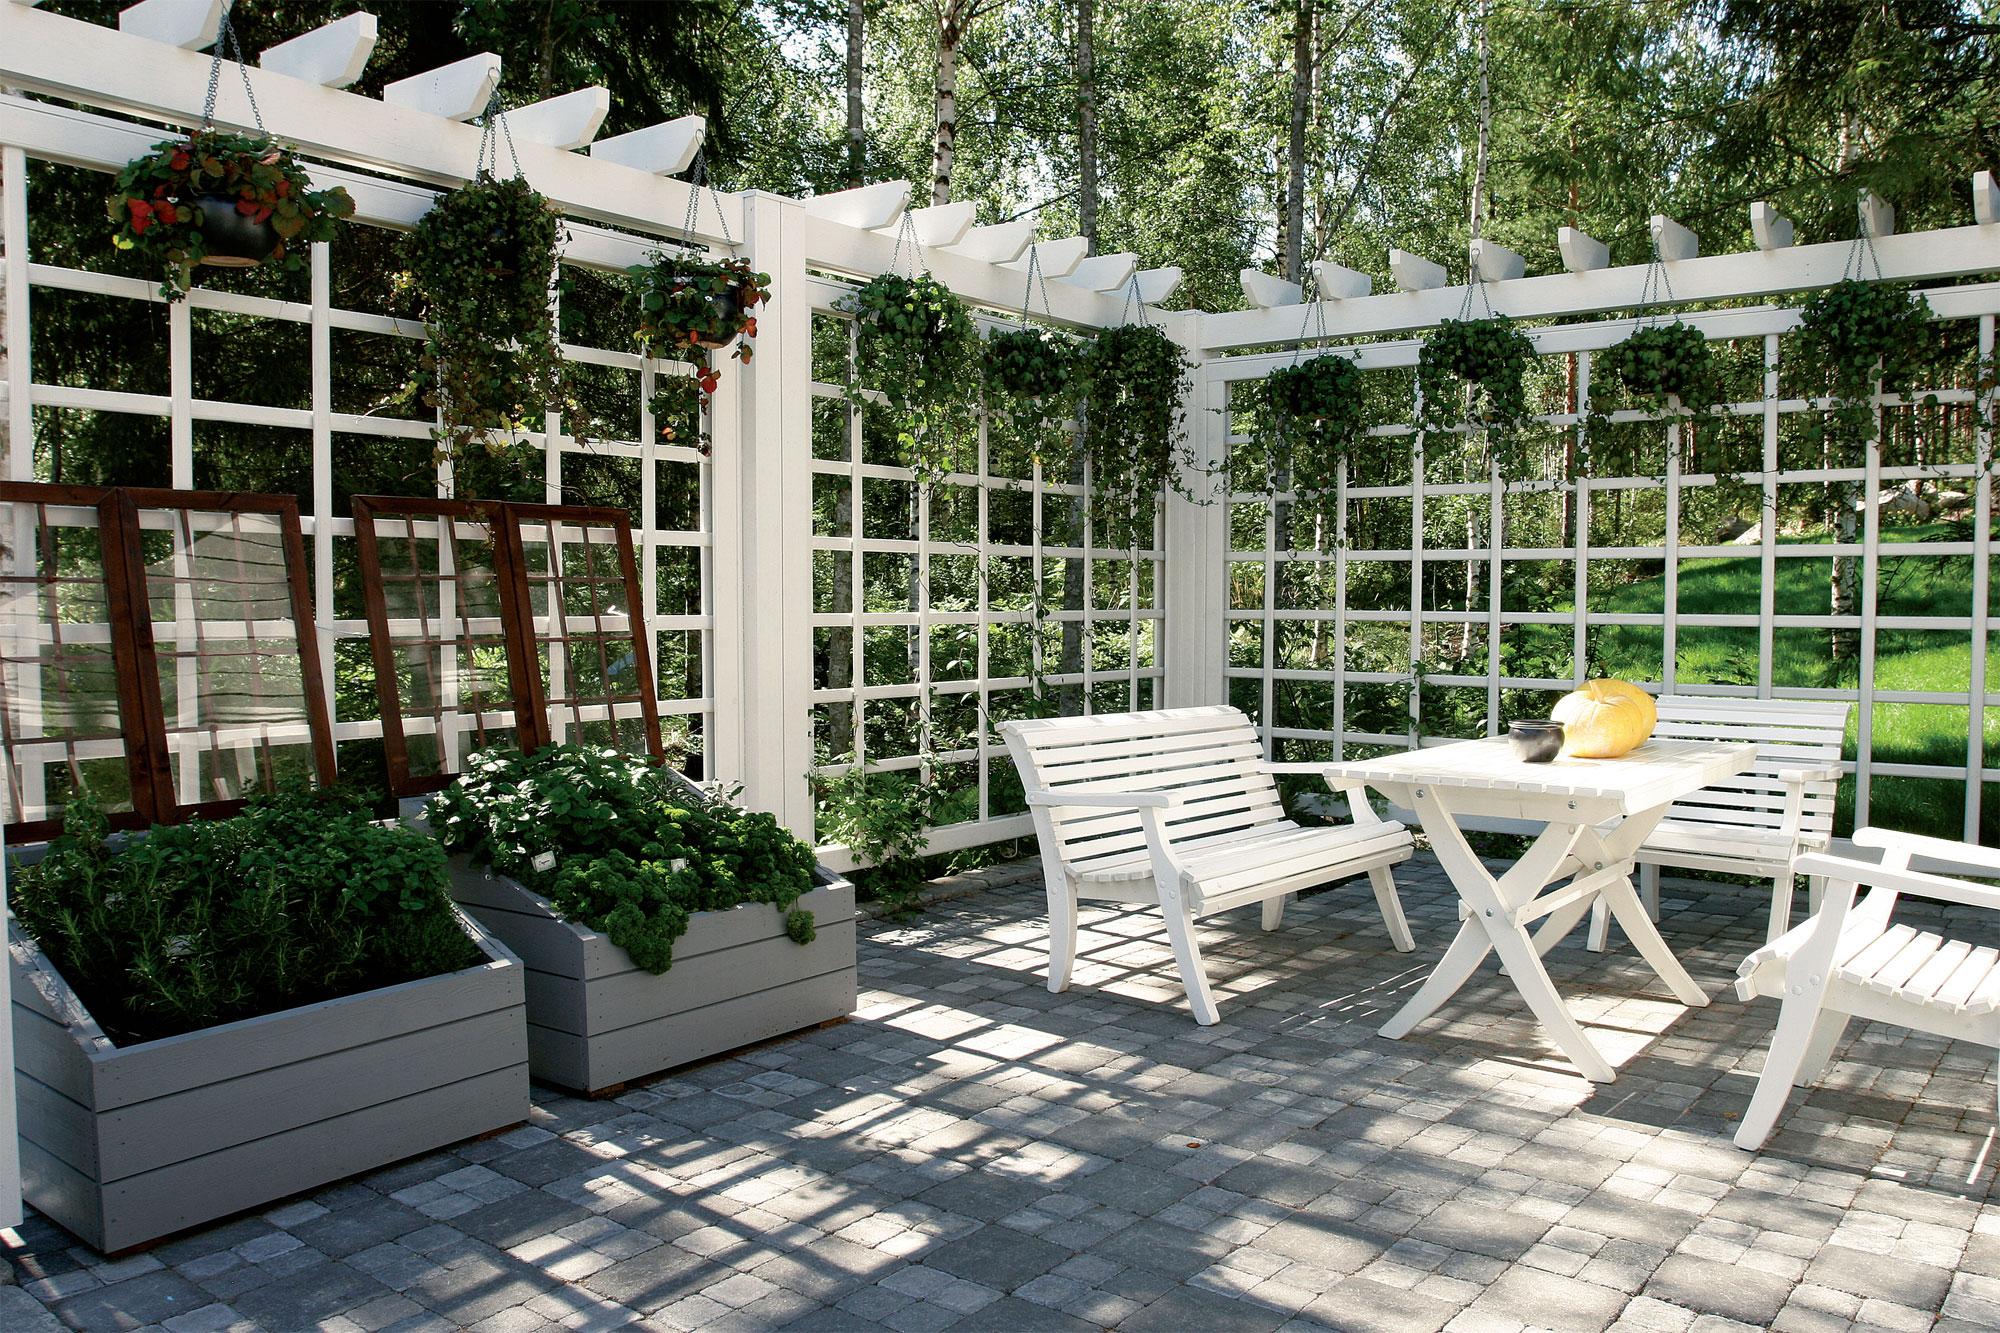 Talon vieressä oleva patio on rajattu ympäristöstä ilmavalla, pergolamaisella rakenteella. Seinäelementti kuuluu Kannustalon pihamallistoon, lisätietoja www.kannustalo.fi.